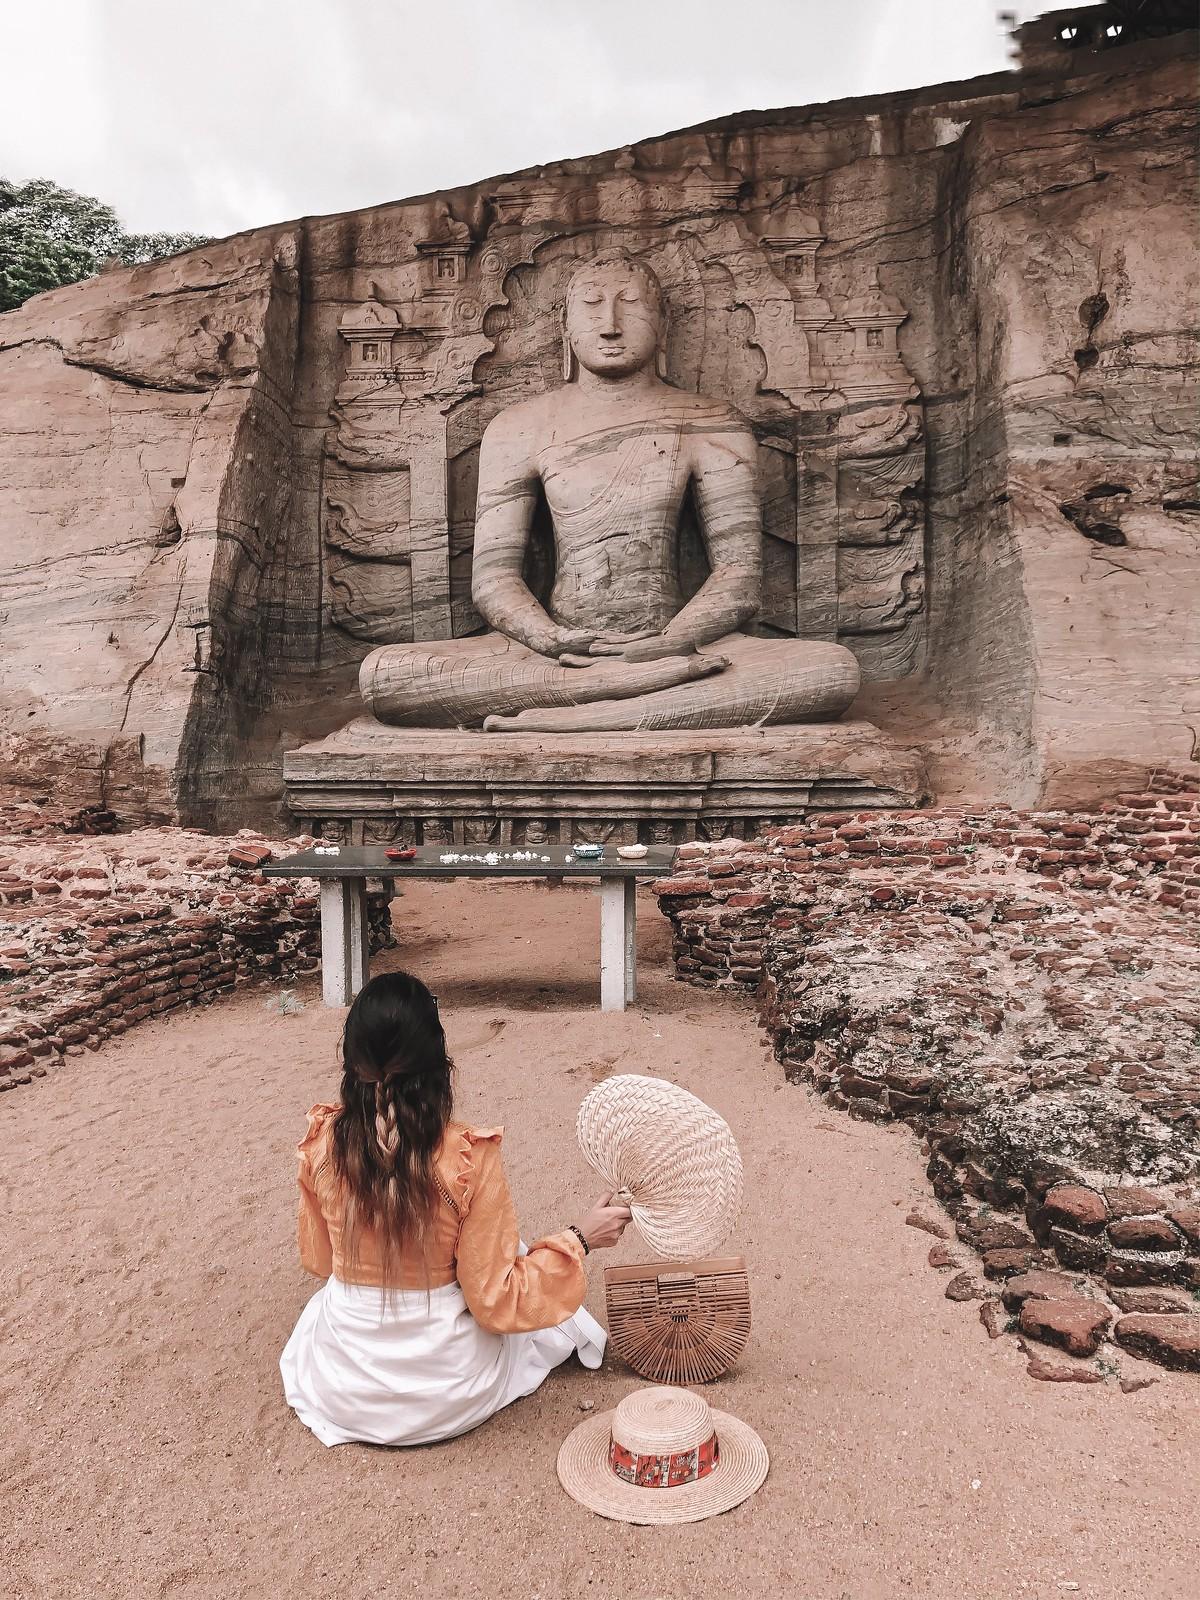 Visitar Polonnaruwa, la antigua capital de Sri Lanka visitar polonnaruwa - 39900893503 35a597a9ca h - Visitar Polonnaruwa, la antigua capital de Sri Lanka